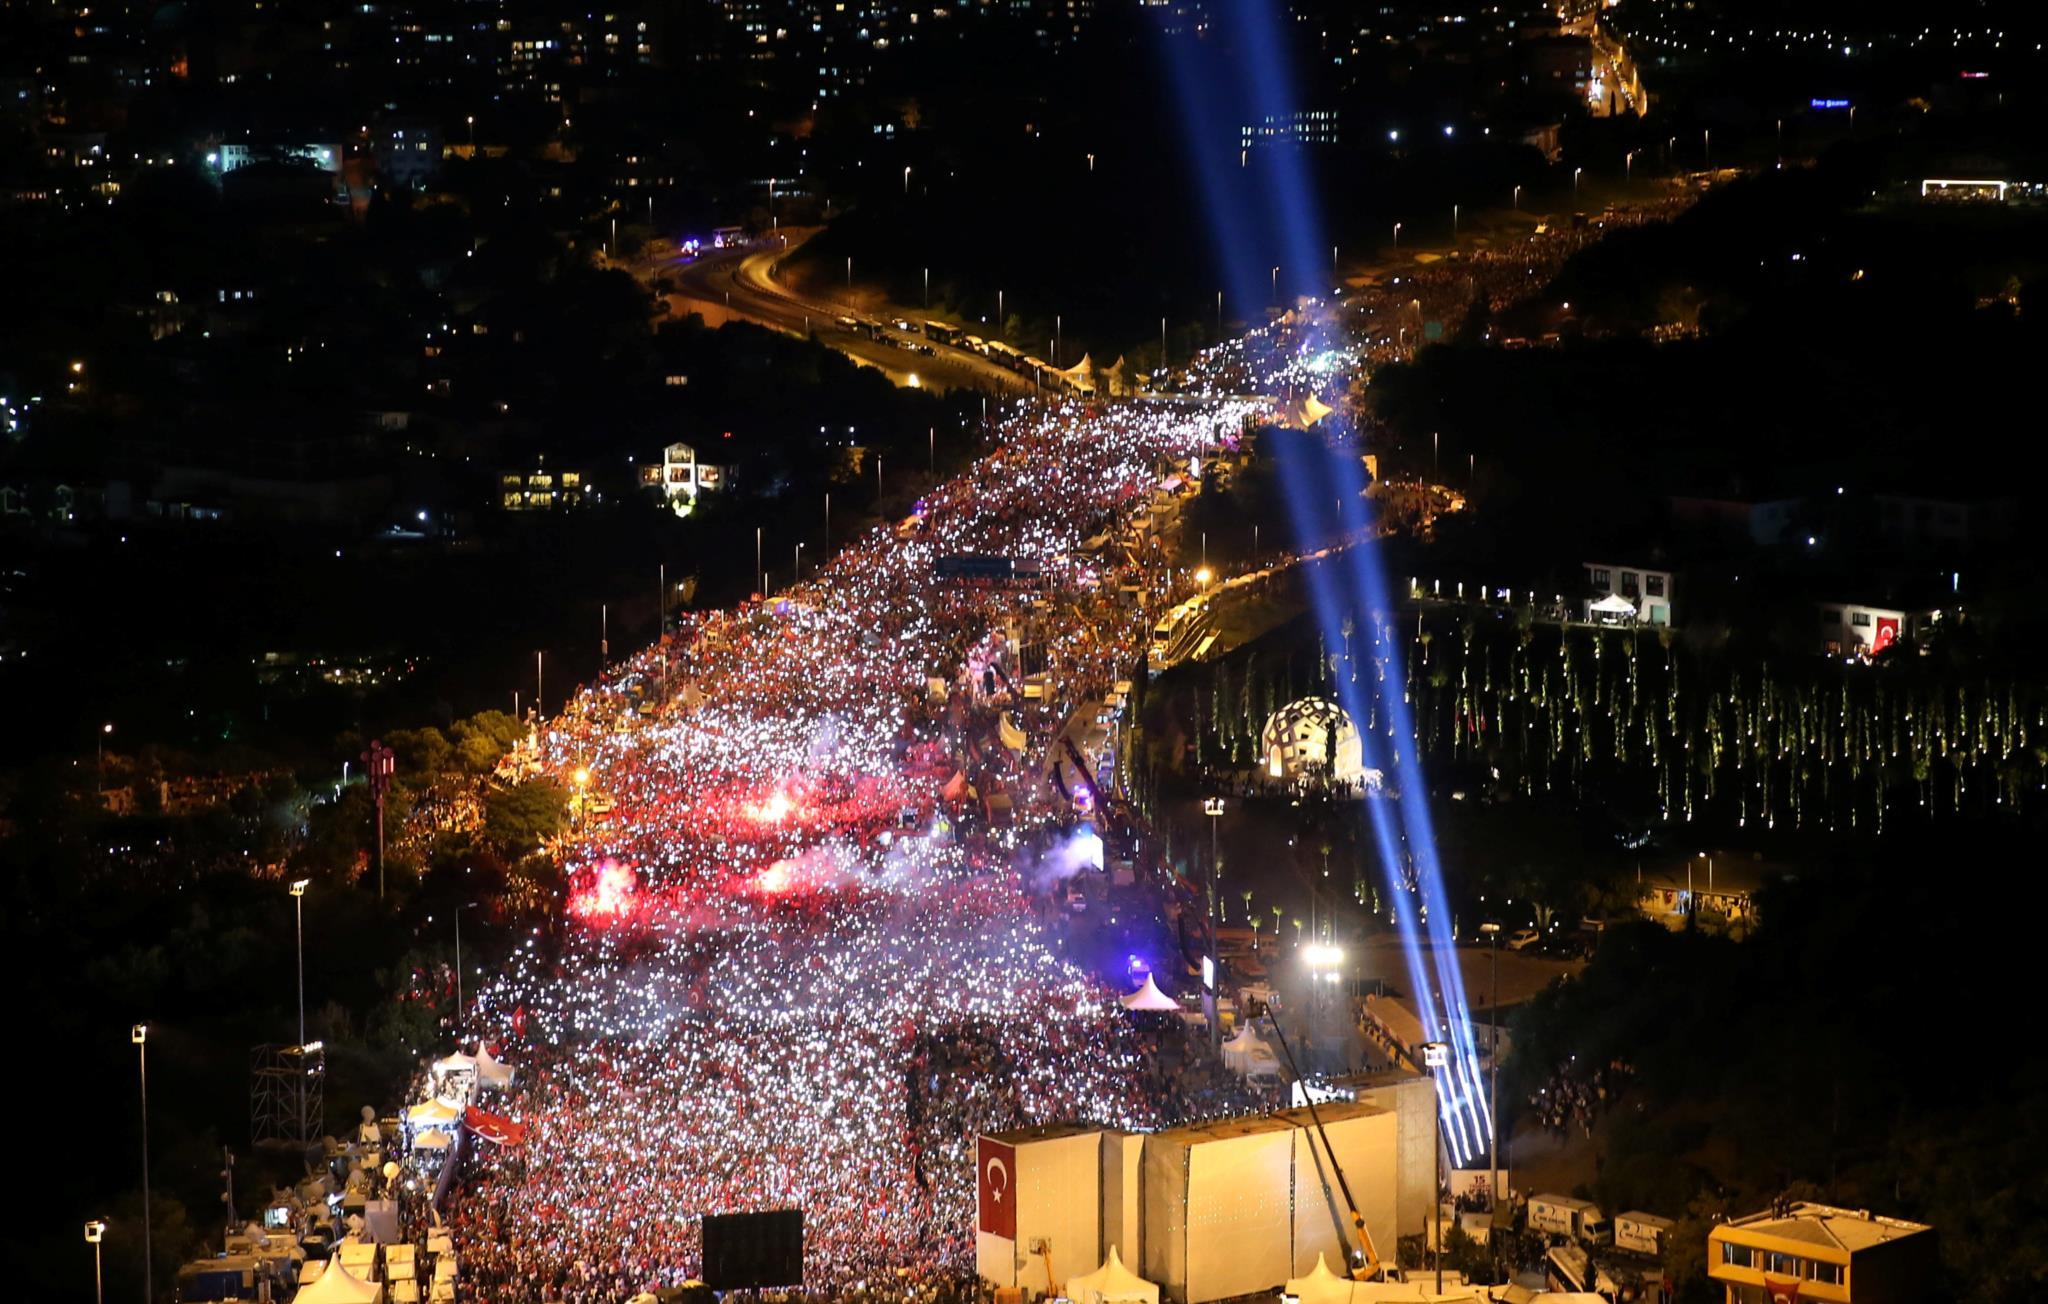 Milhares de pessoas juntaram-se nas ruas de Istambul, onde os golpistas actuaram primeiro, numa ponte junto ao Bósforo.